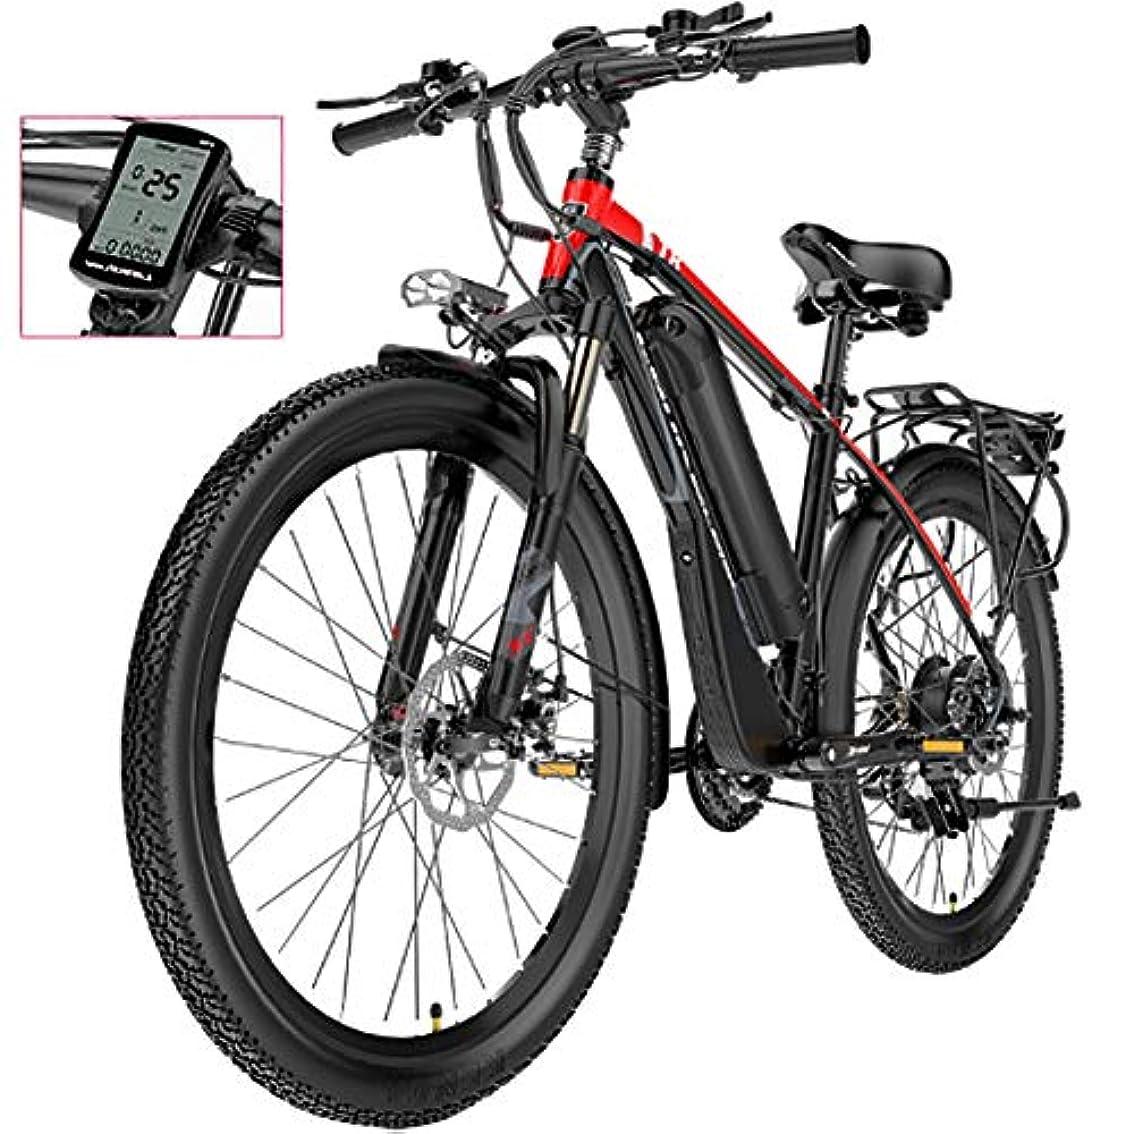 不適当直感ソフトウェア後部座席付き電動マウンテンバイク、400Wモーター26インチ大人用防水電動自転車、取り外し可能な48V 12.8AHリチウムイオンバッテリー21速デュアルディスクブレーキ